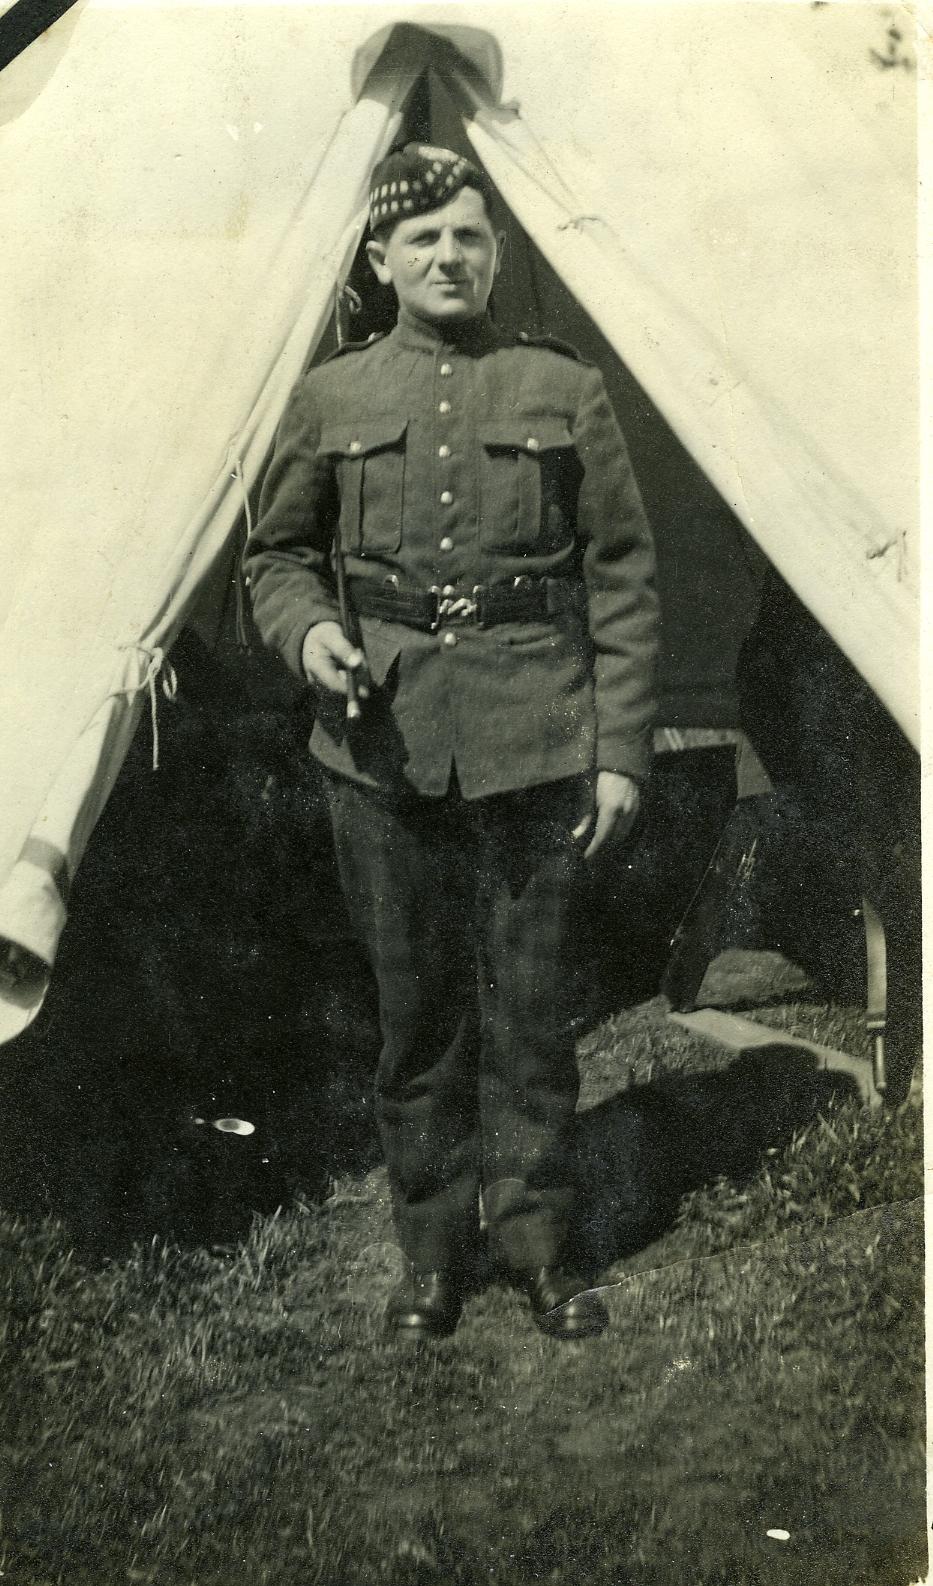 Gordon Highlander in Willows Camp